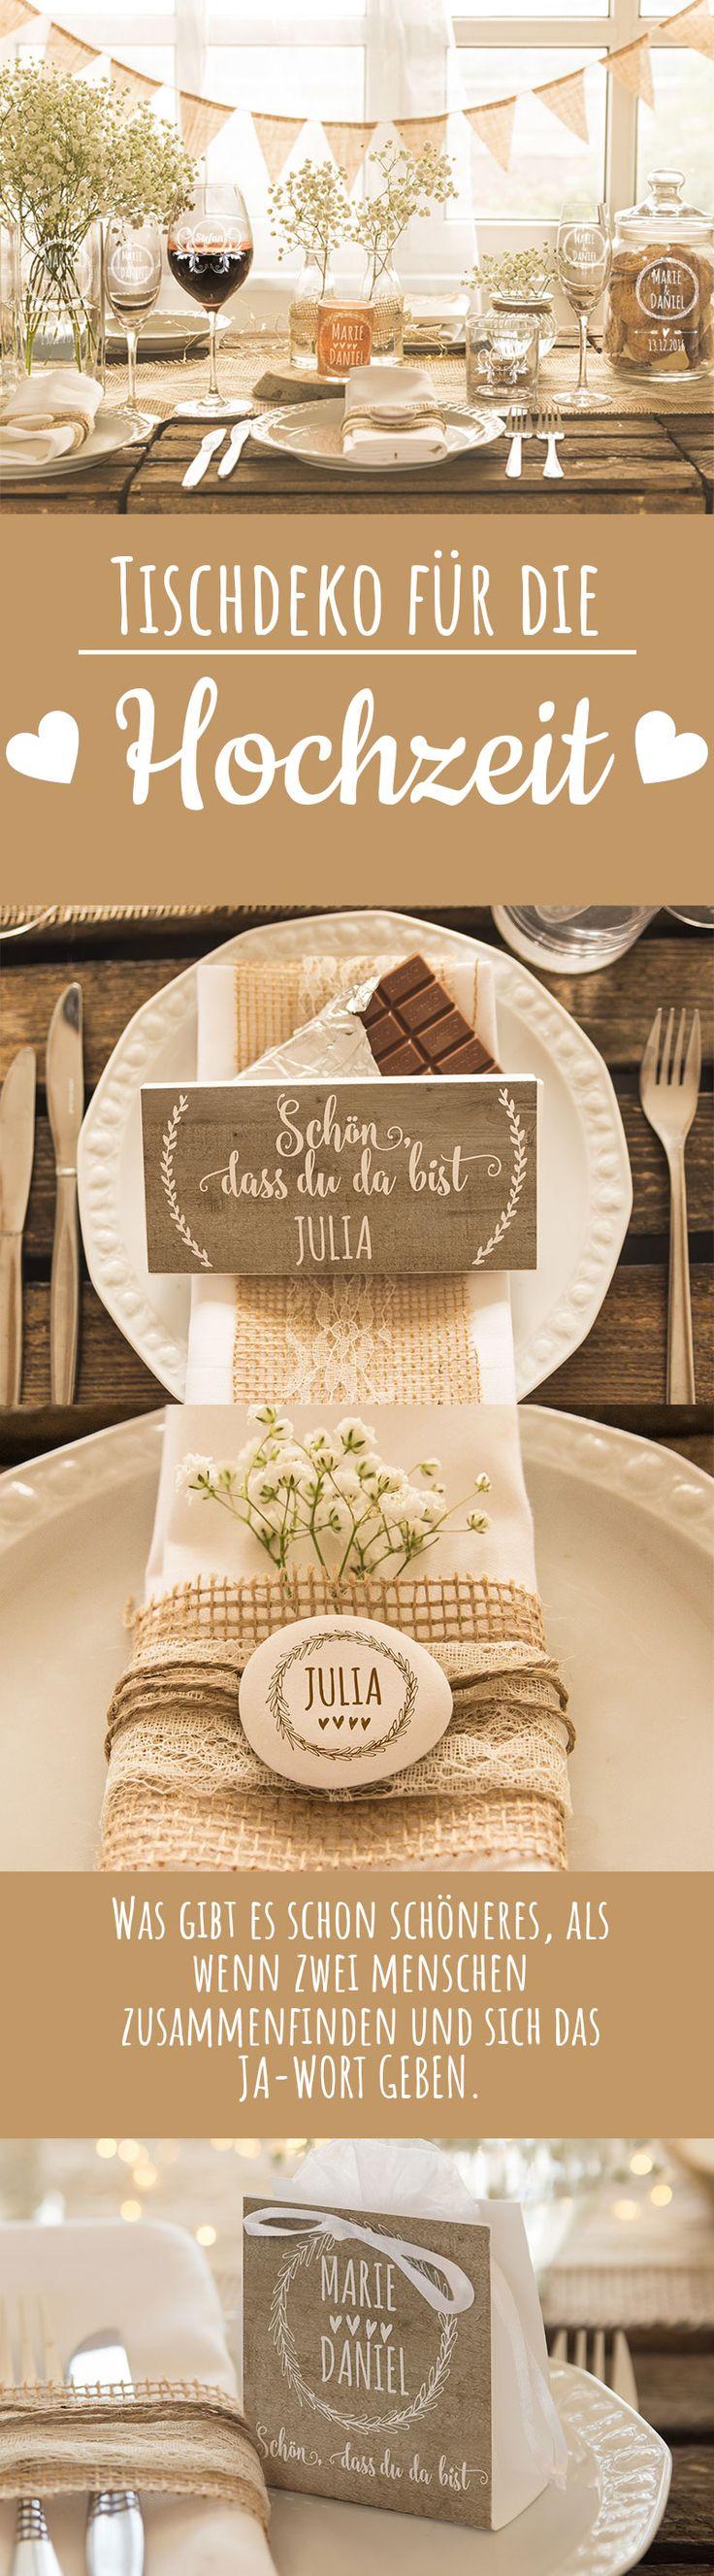 Was gibt es schon schöneres, als wenn zwei Menschen zusammenfinden und sich das Ja-Wort geben?! Hochzeitsgeschenke, Geldgeschenke und Gastgeschenke - all das findet ihr bei Personello.de